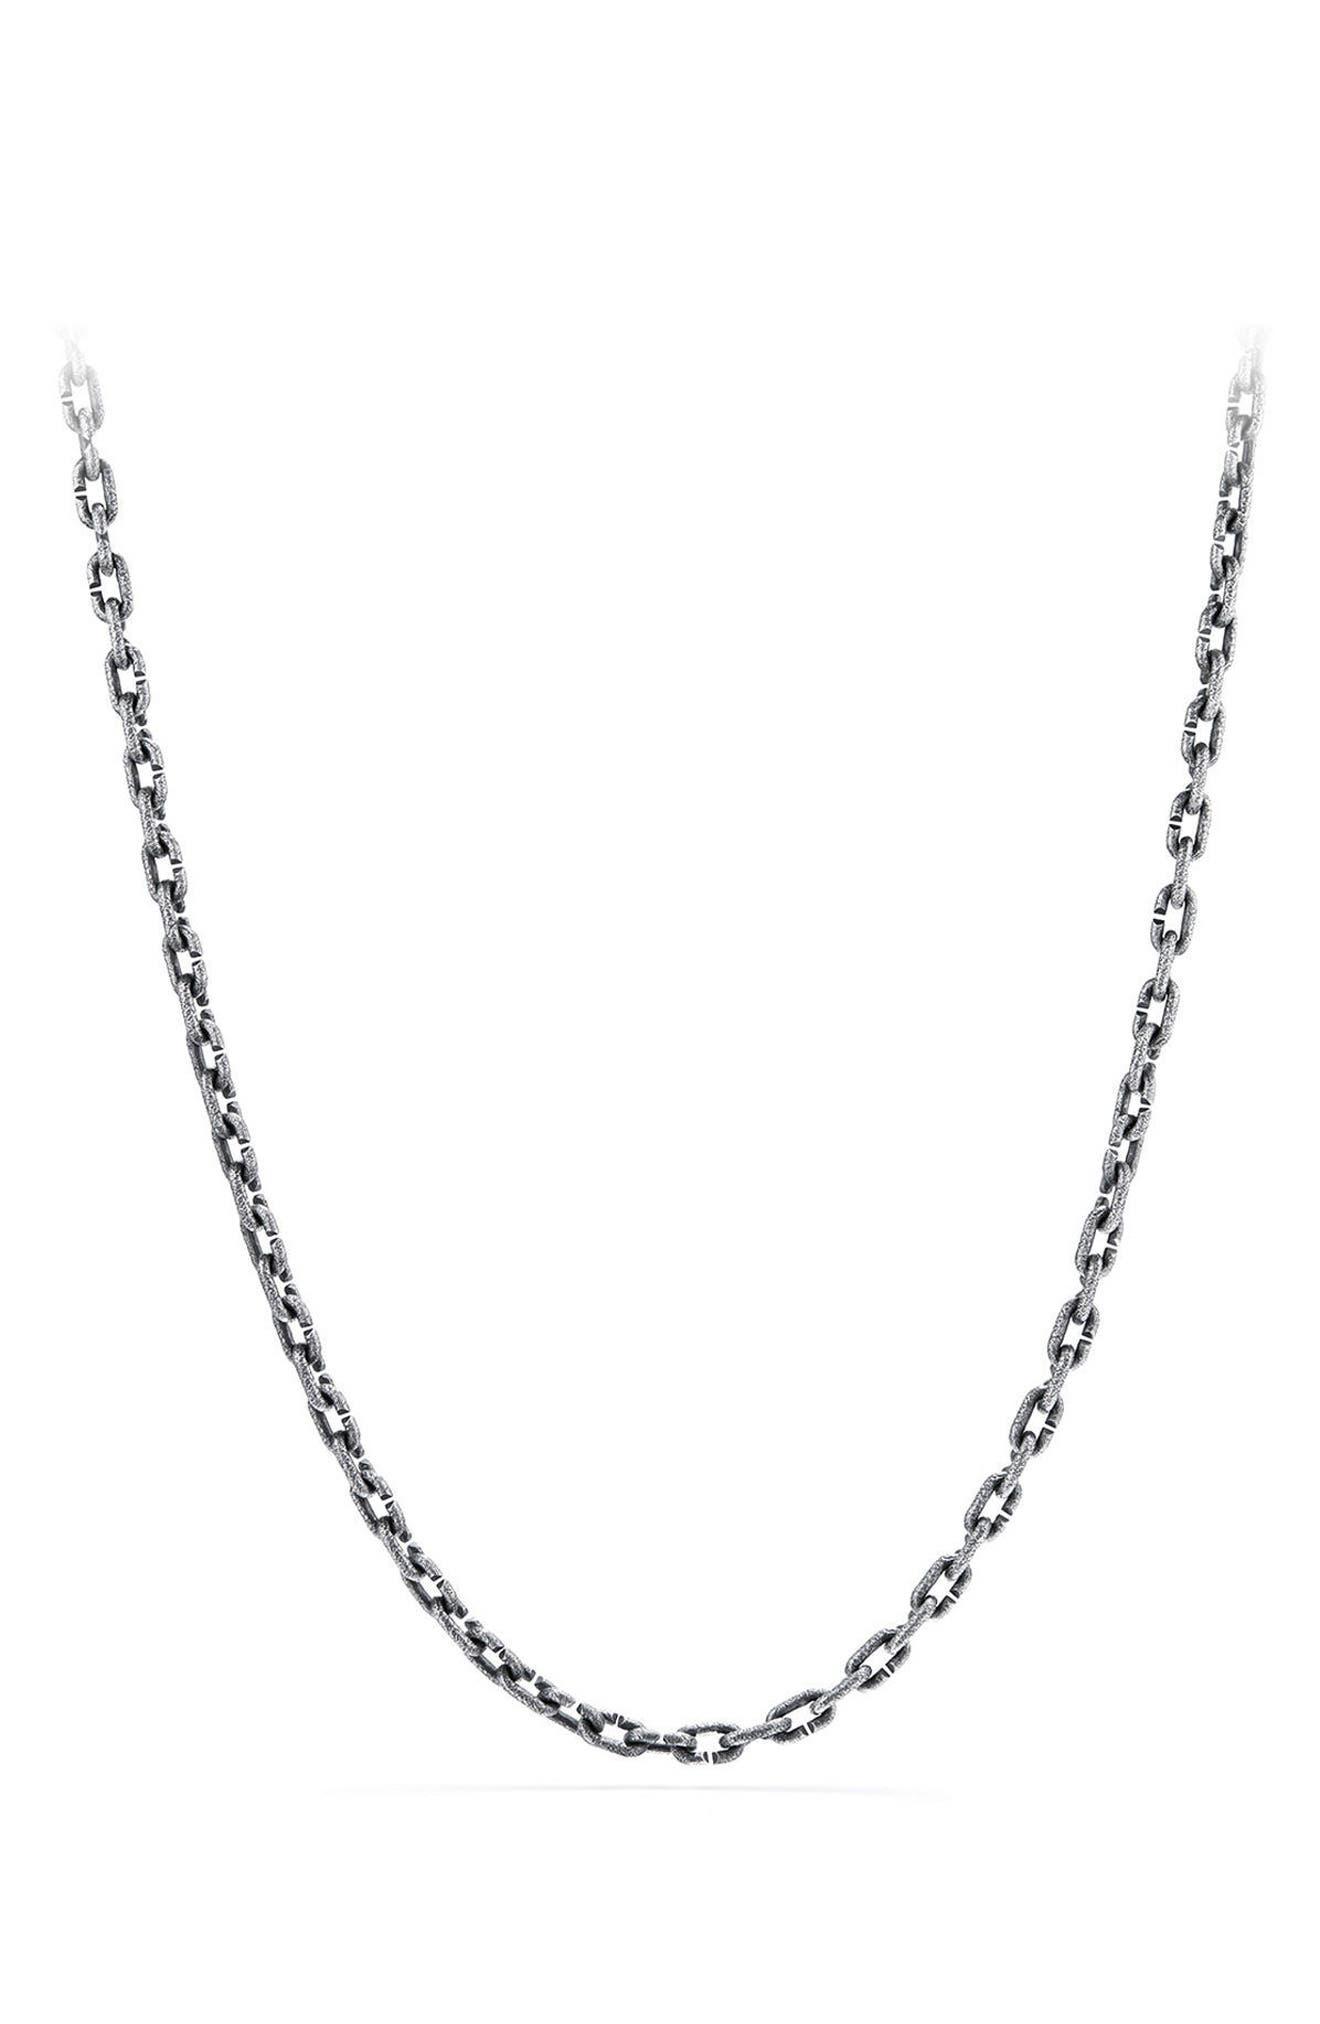 Main Image - David Yurman Shipwreck Chain Necklace